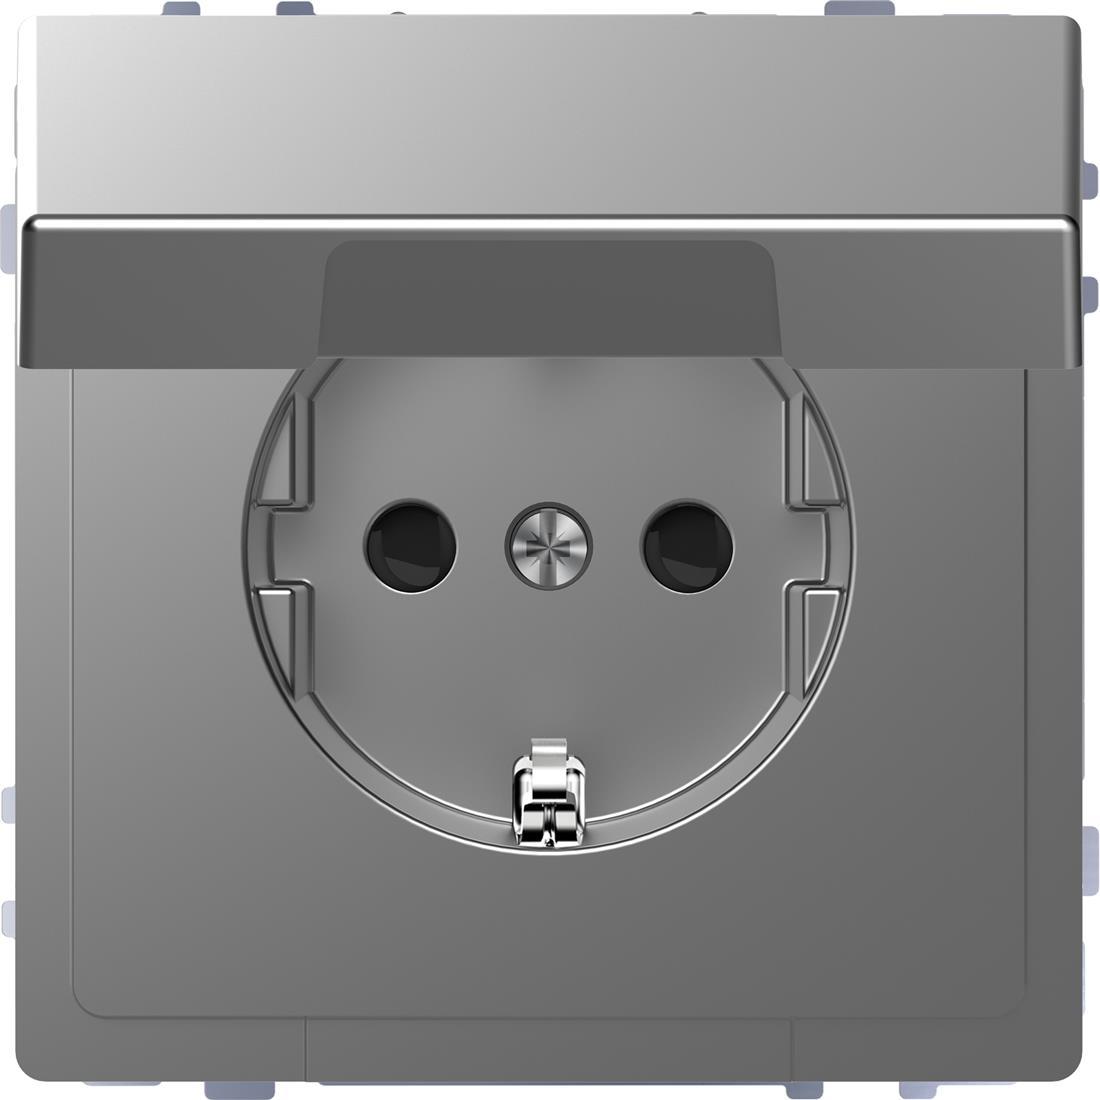 Schneider-Merten D Life wandcontactdoos met klapdeksel en kinderbeveiliging - RVS look (MTN2310-6036)